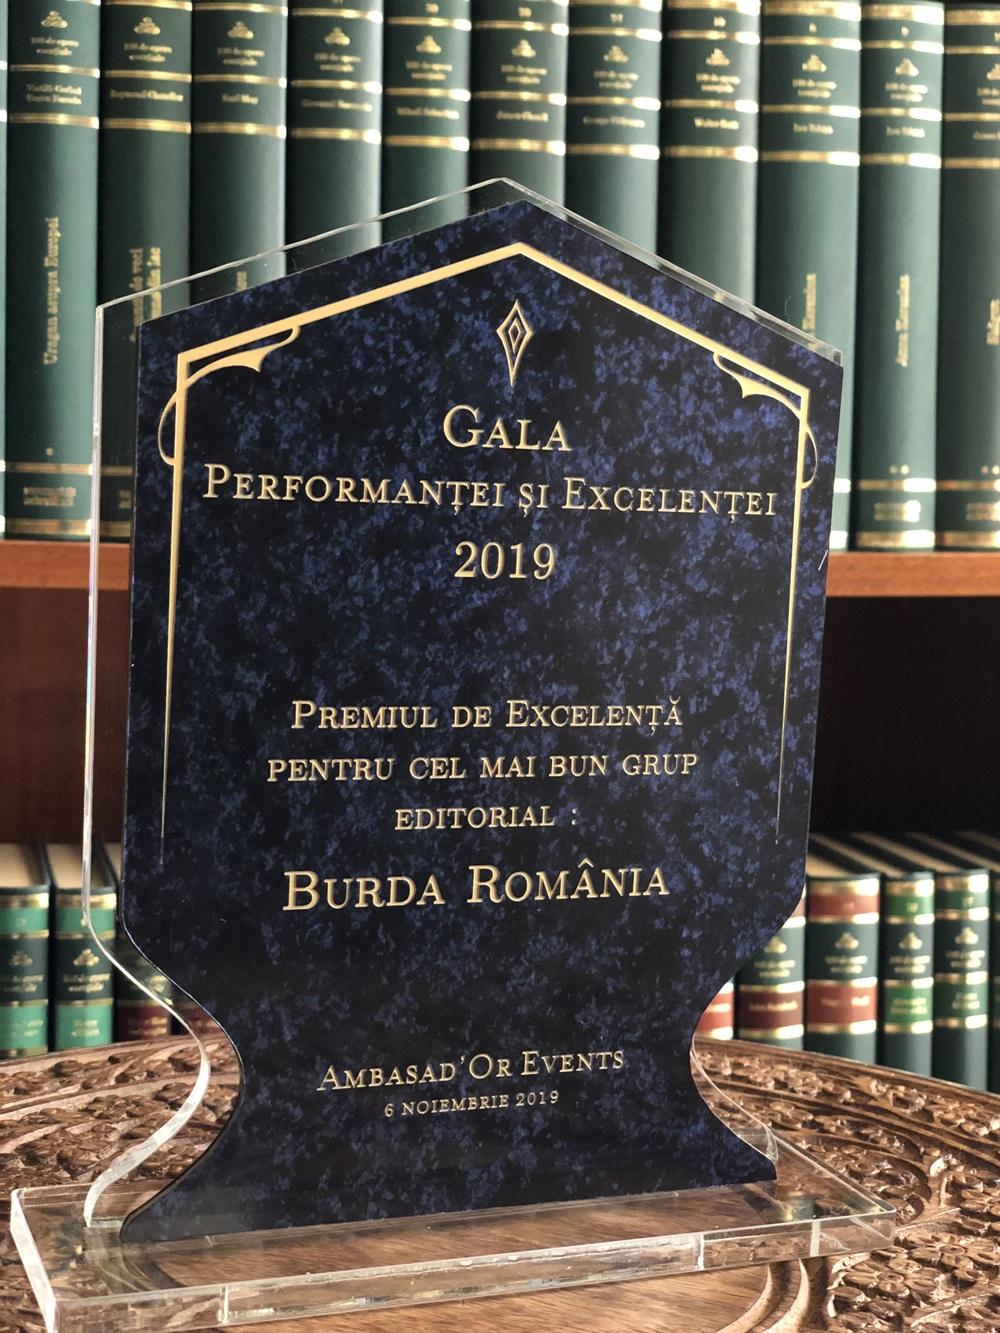 gala performantei si excelentei